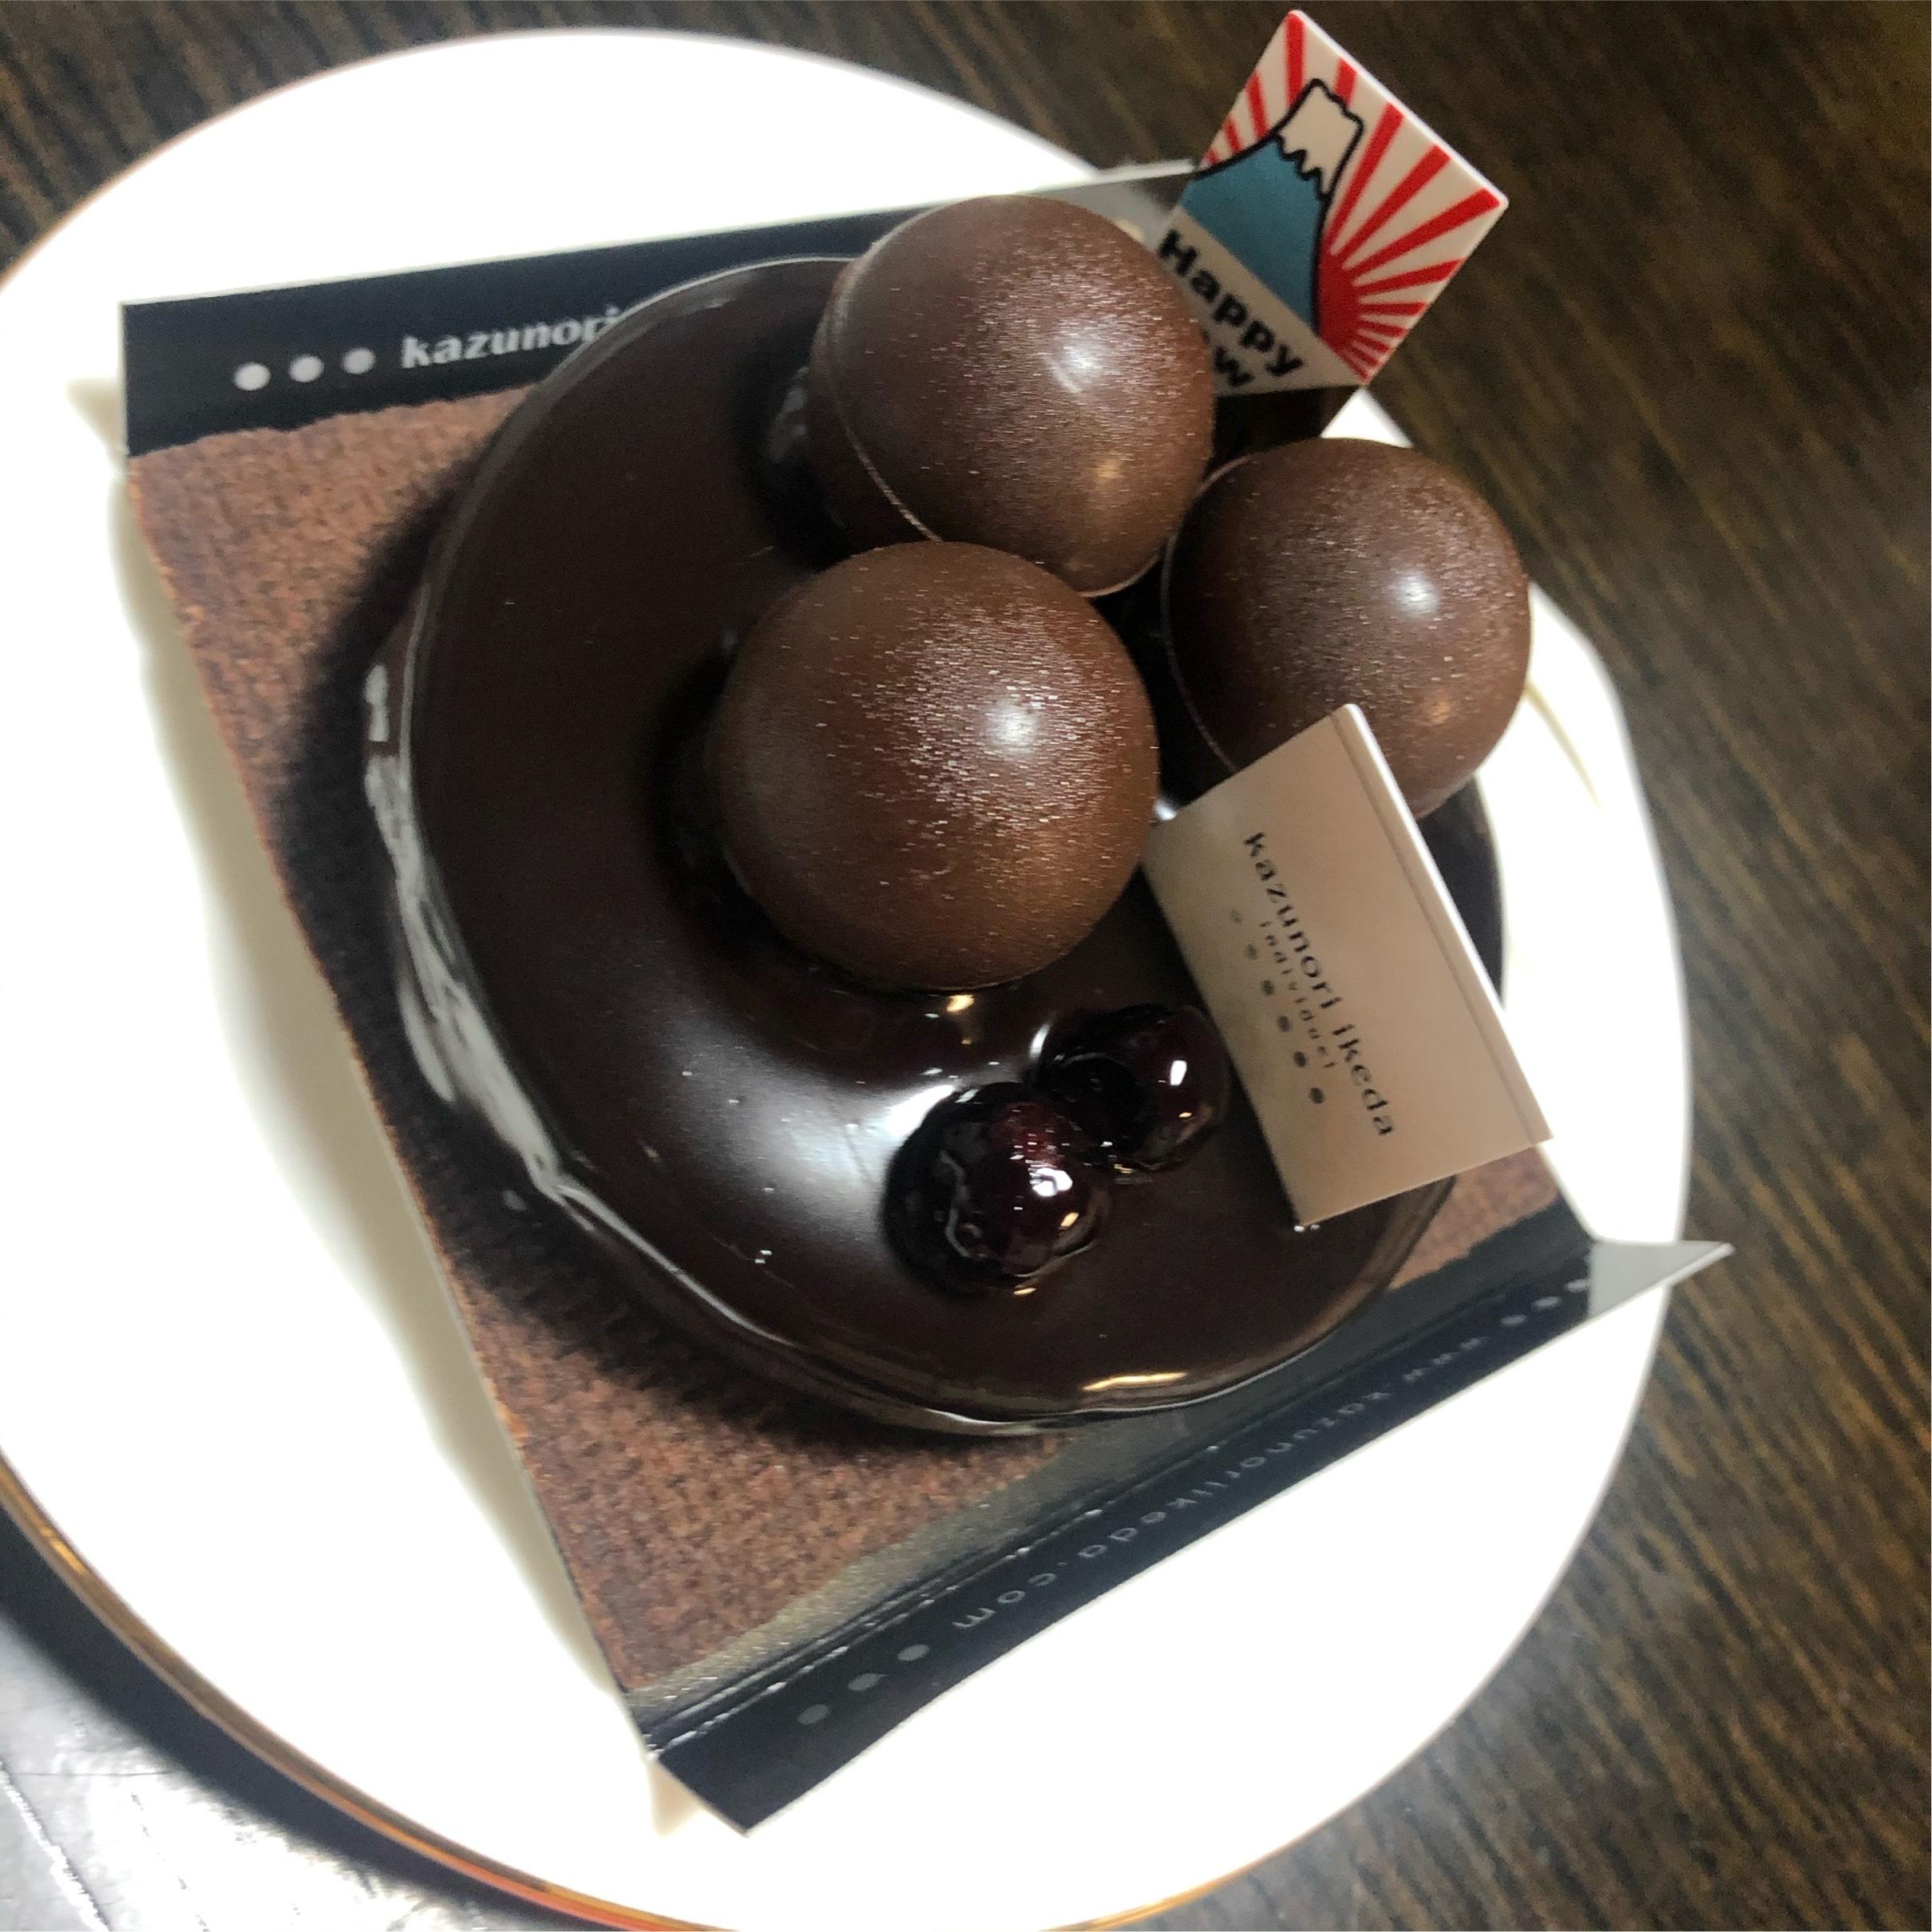 【仙台発】限定ケーキが美しすぎる、、!_1_2-4